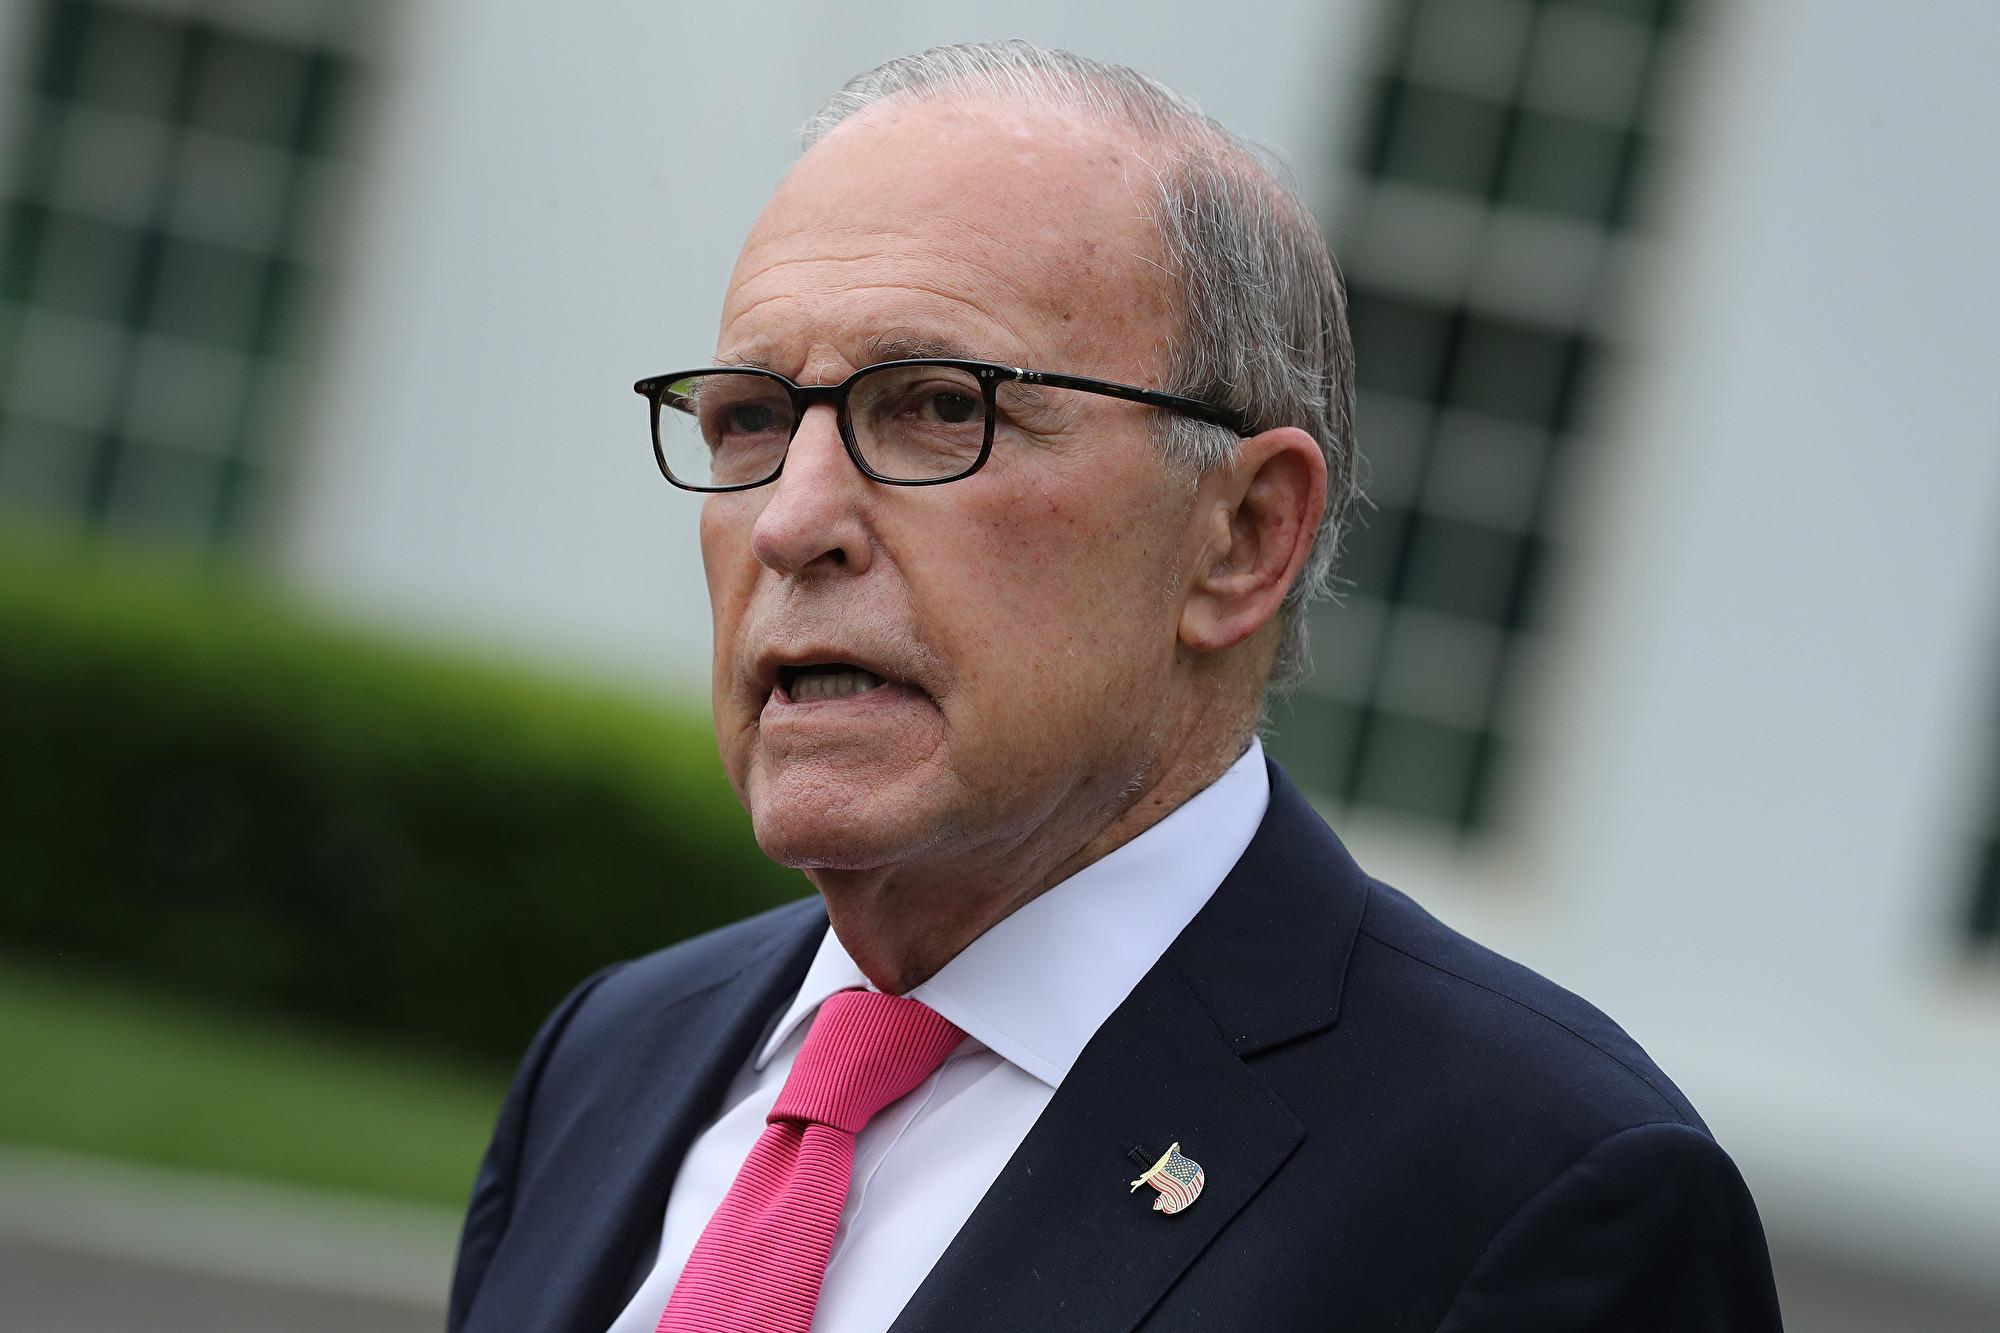 白宮首席經濟顧問、美國國家經濟委員會主席庫德洛接受採訪時說,「要讓在美國股市上市的中國公司承擔更多責任。」(Chip Somodevilla/Getty Images)